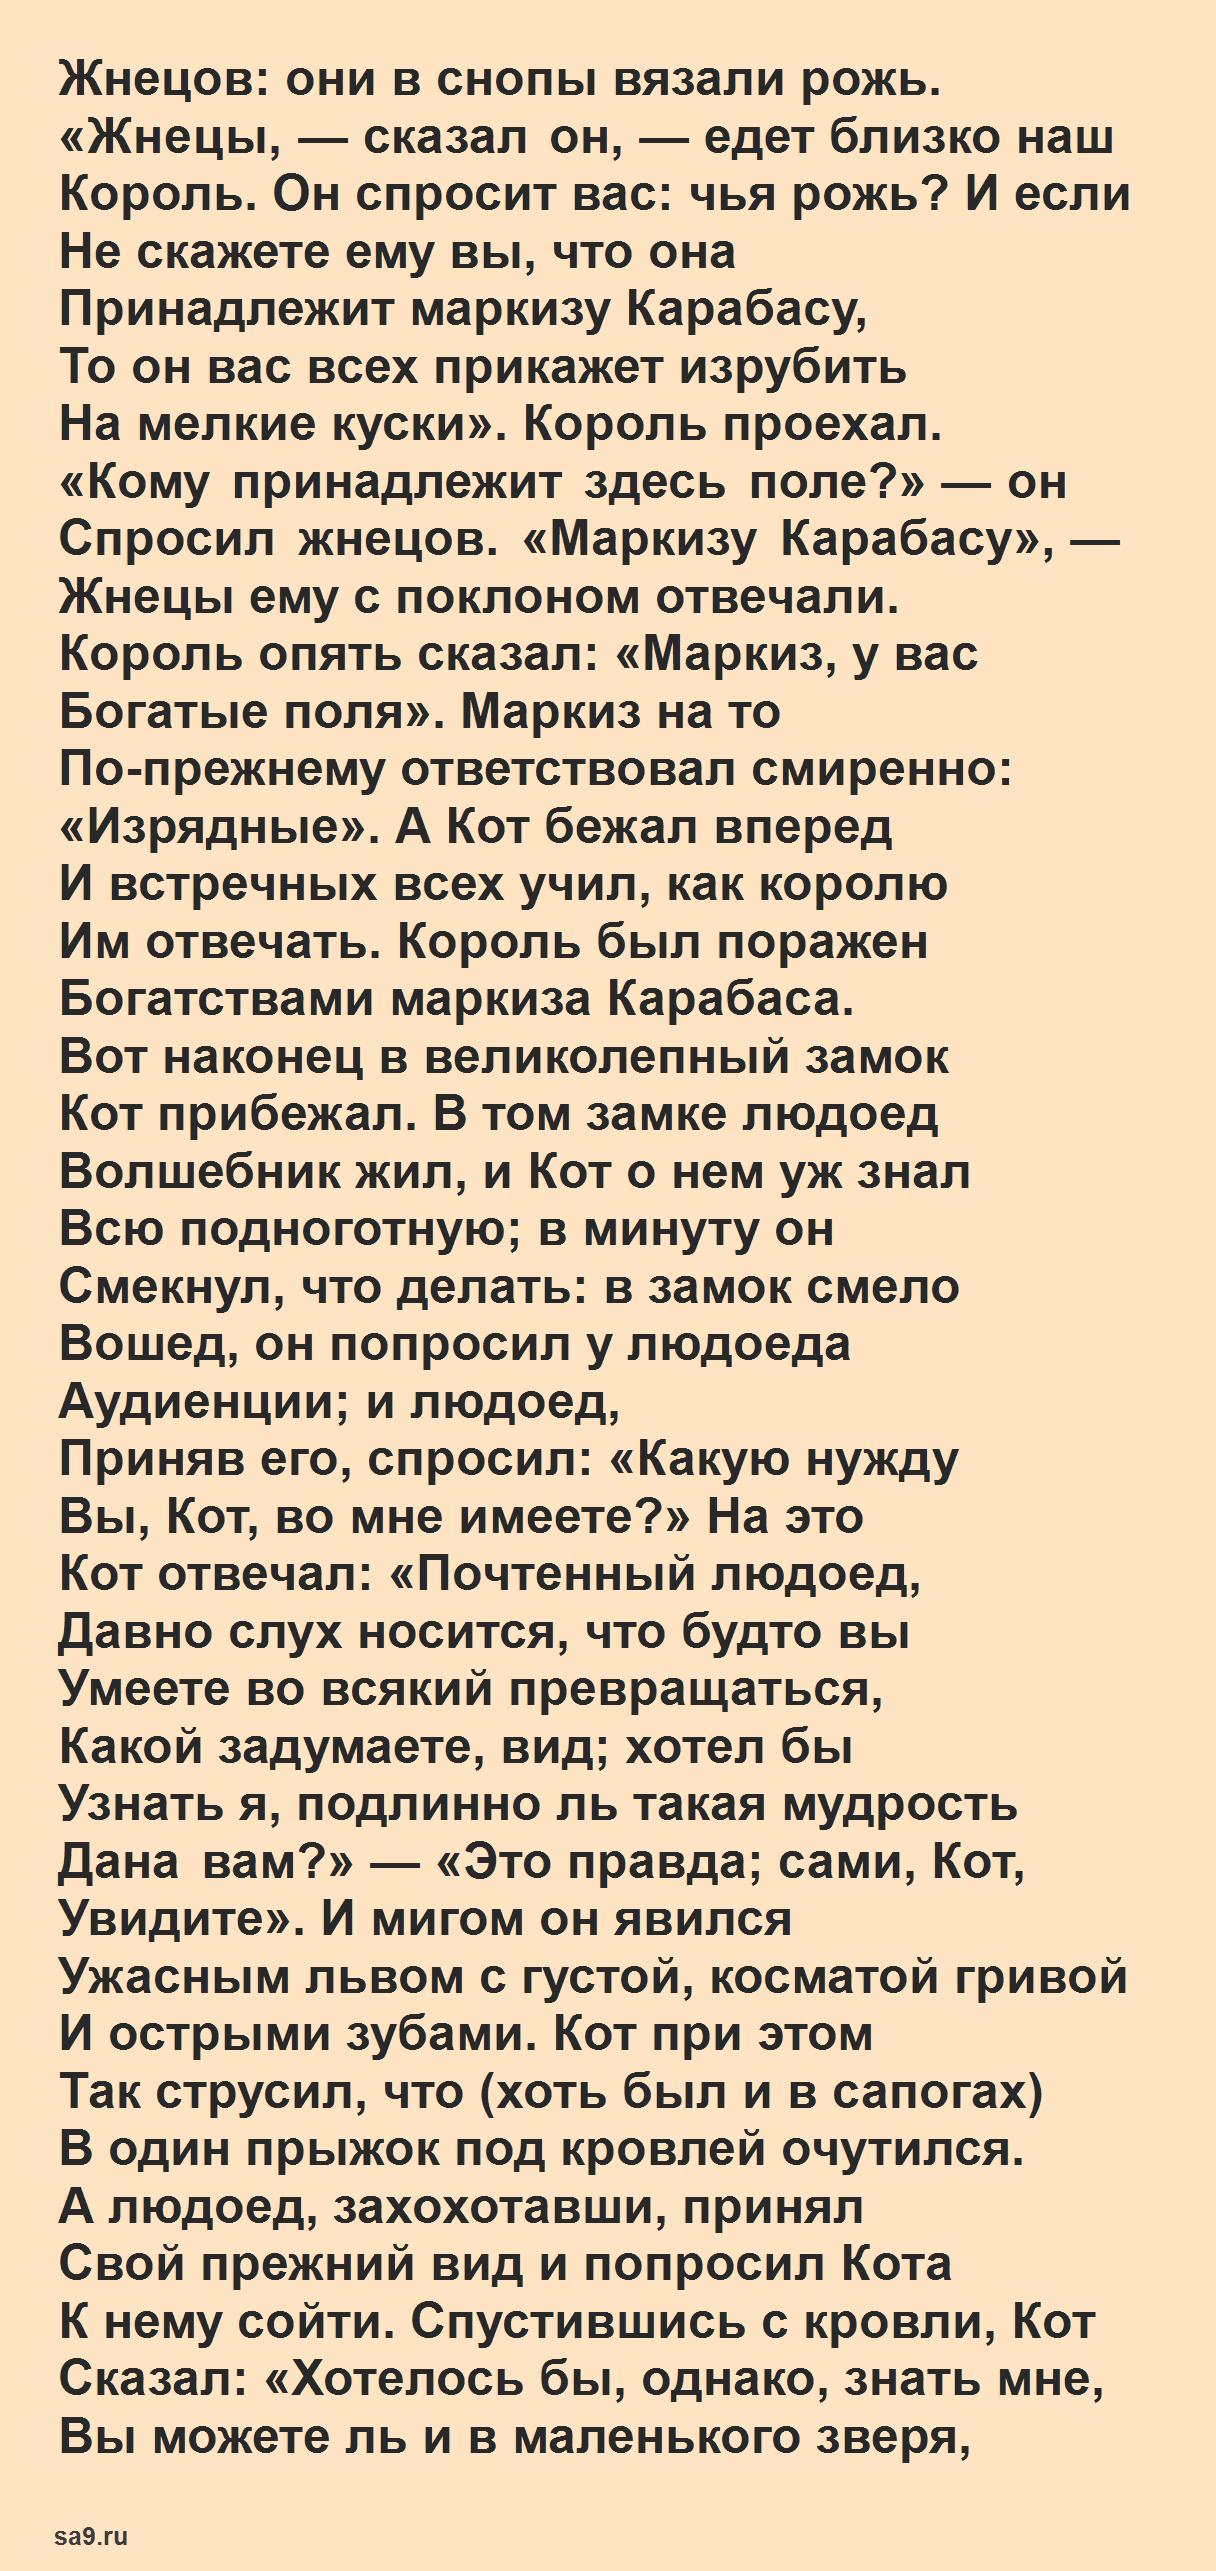 Жуковский 'Кот в сапогах'